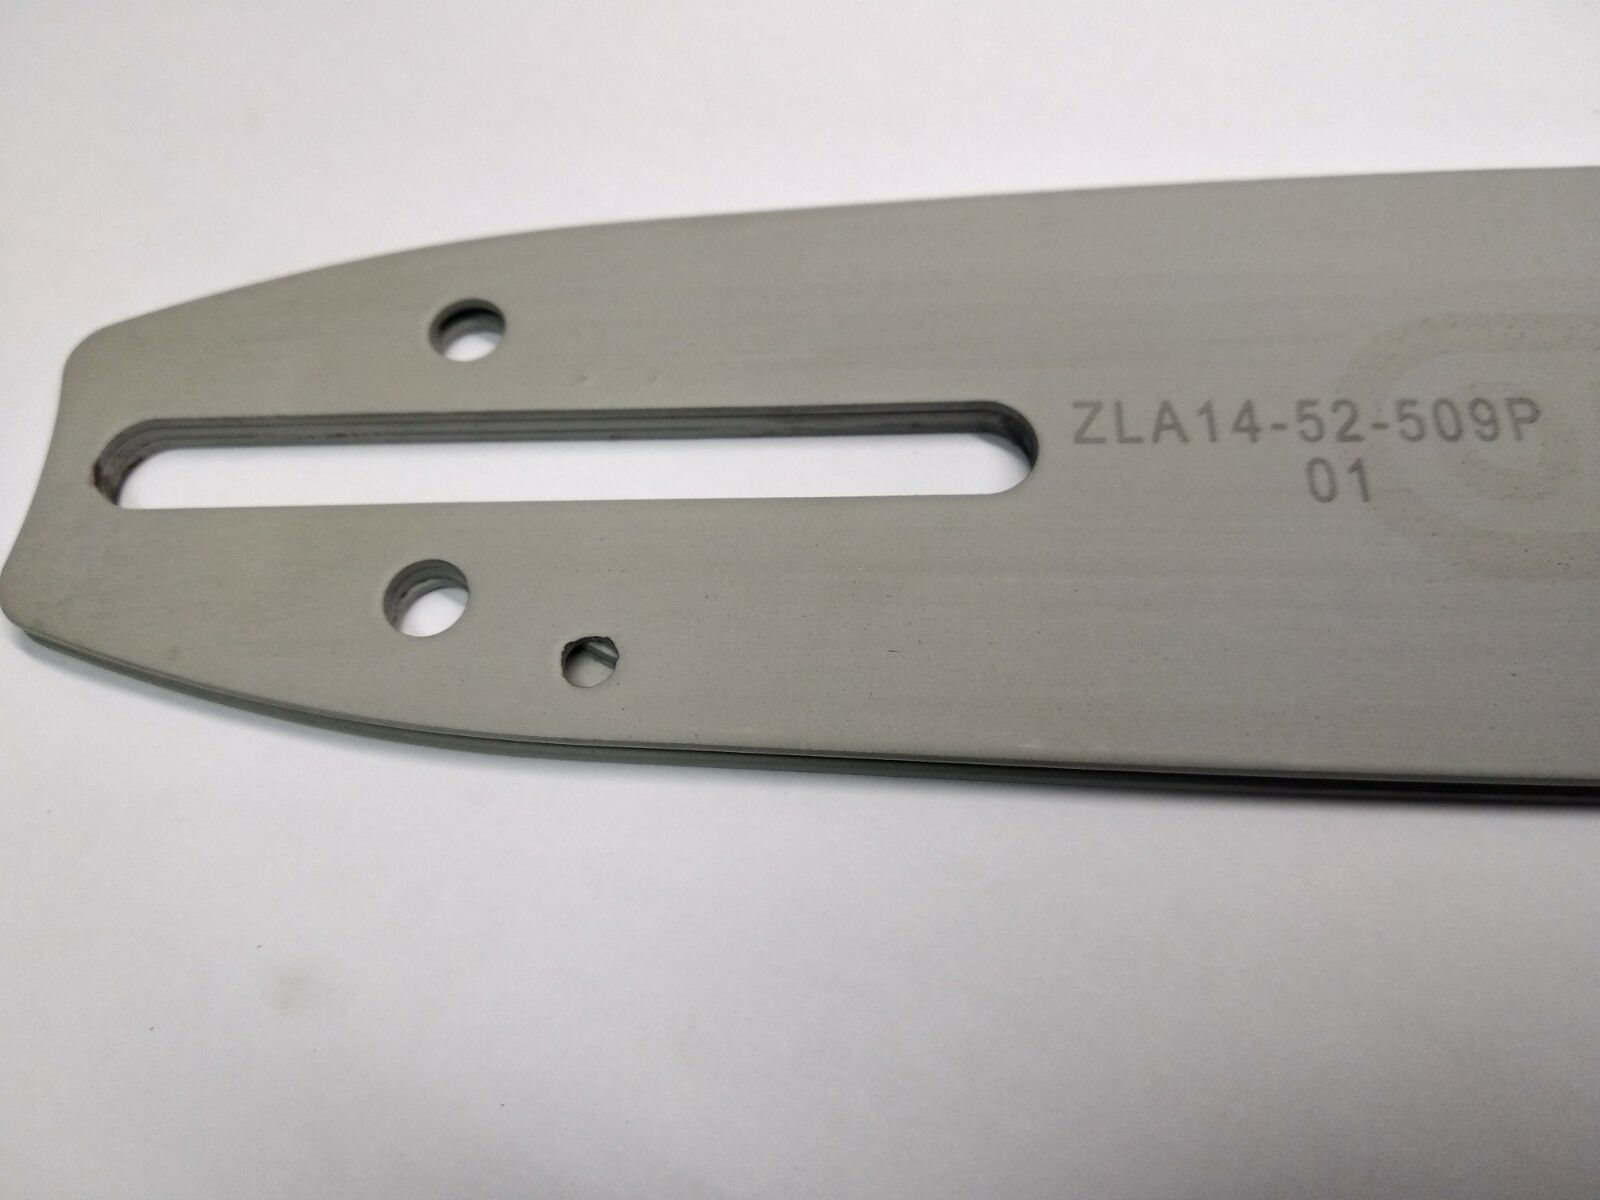 1 Schwert 3 Sägeketten 3//8P-1,3-52 35 cm für Dolmar PS 32 C